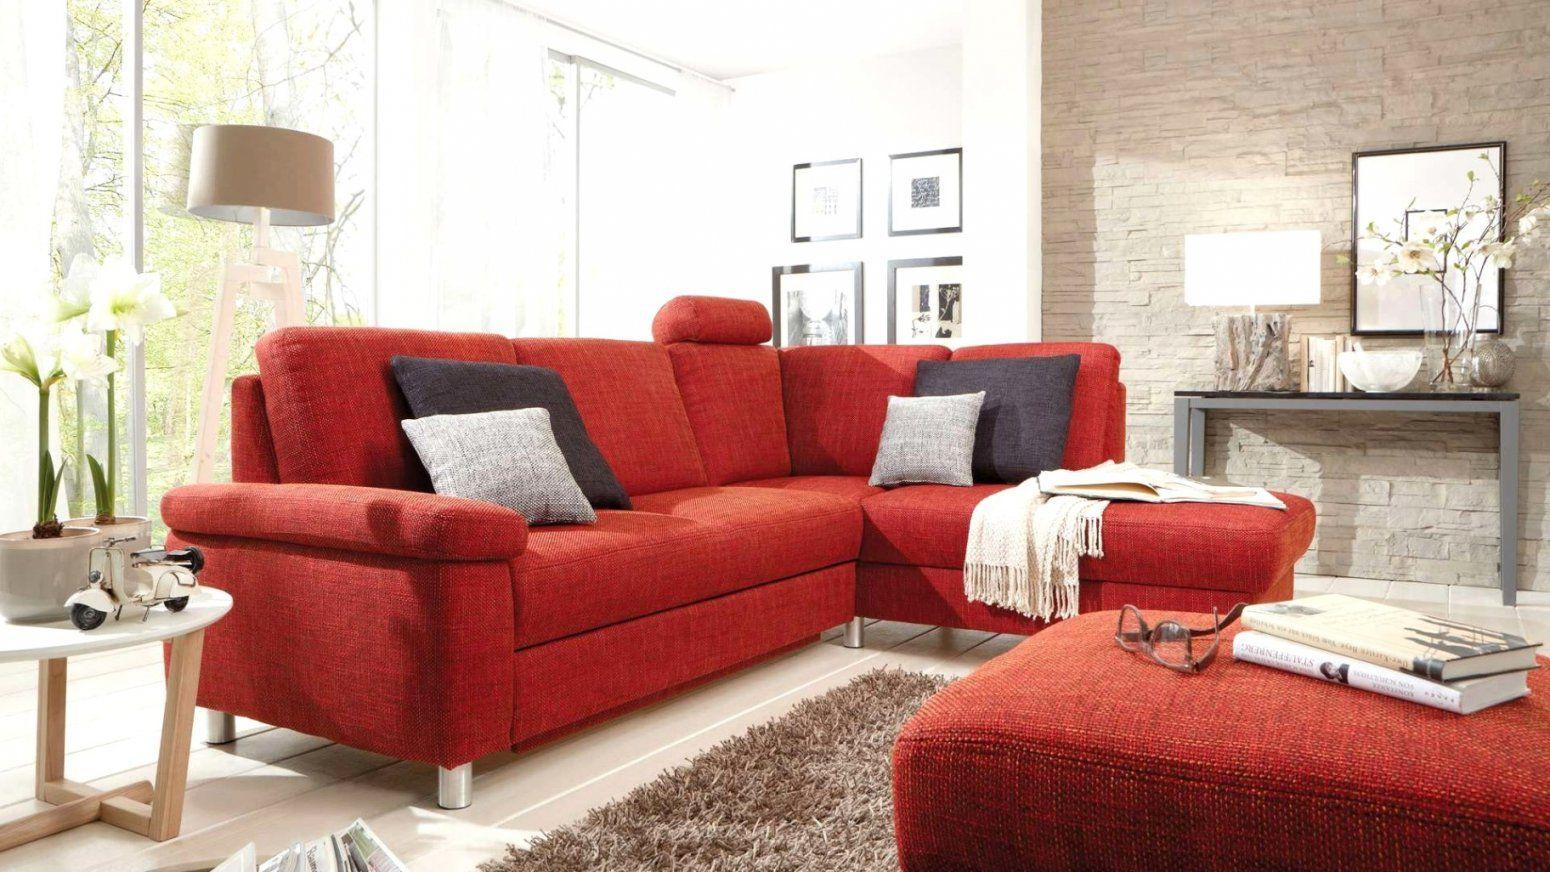 wohnzimmer ideen elegant, 36 elegant wohnzimmer ideen für kleine räume galerie ideen von, Design ideen